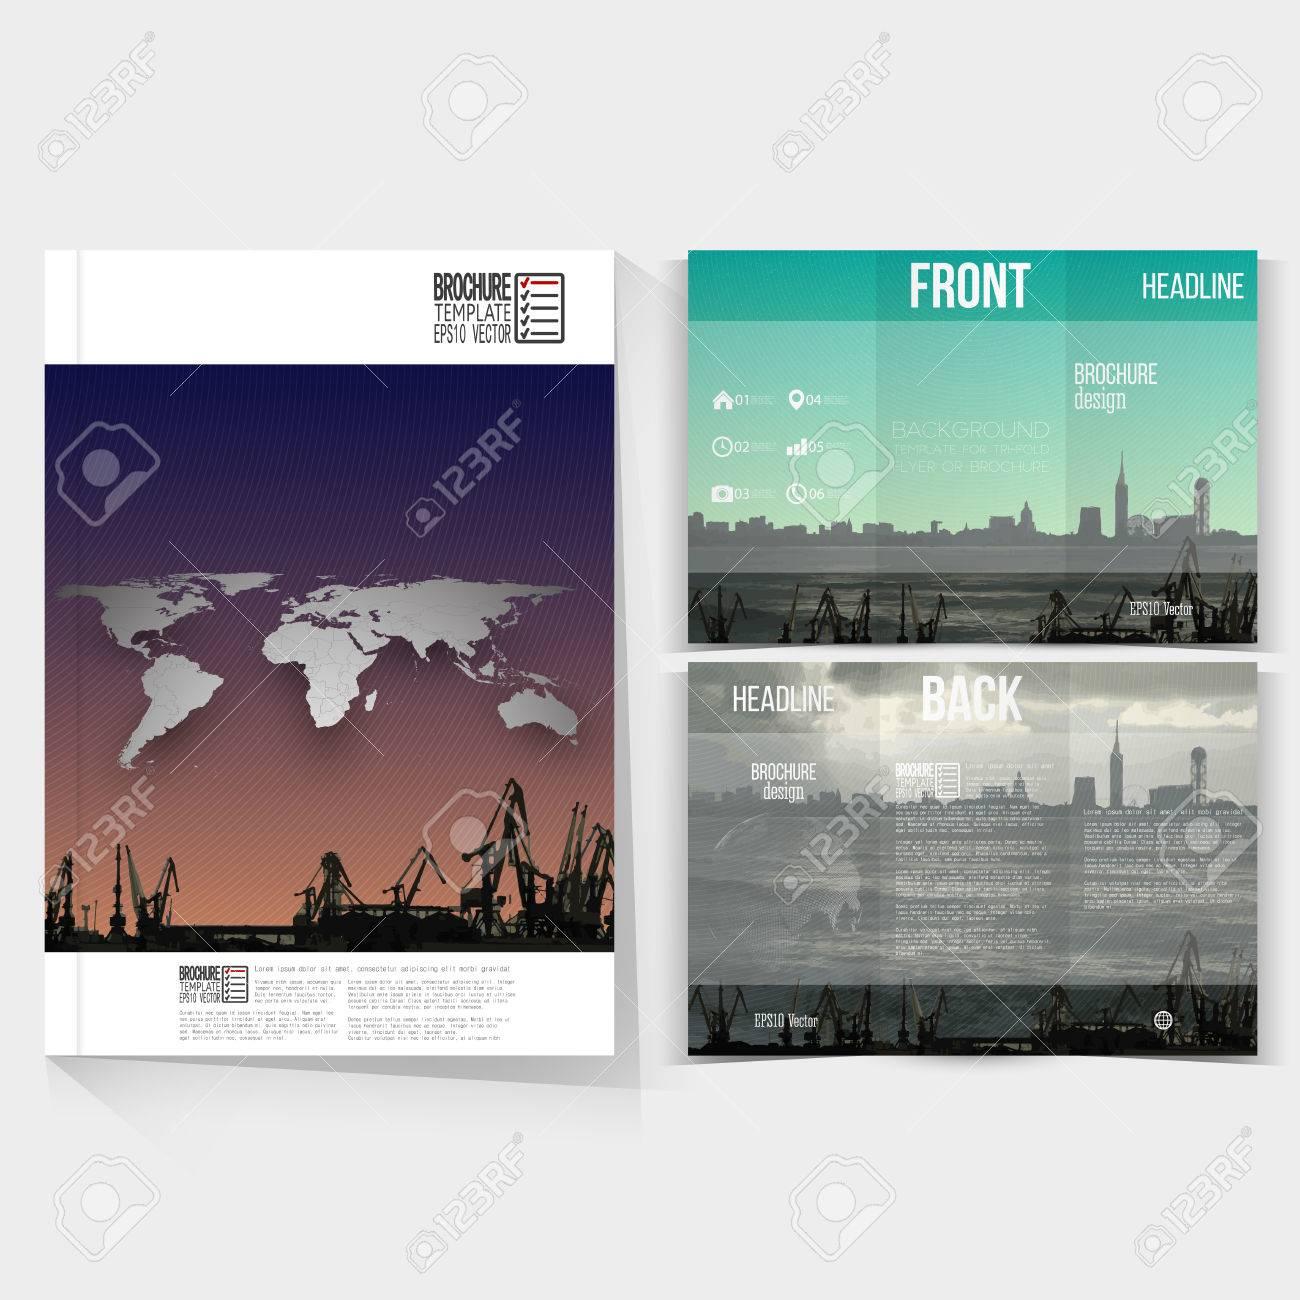 shipyard and city landscape brochure tri fold flyer or booklet